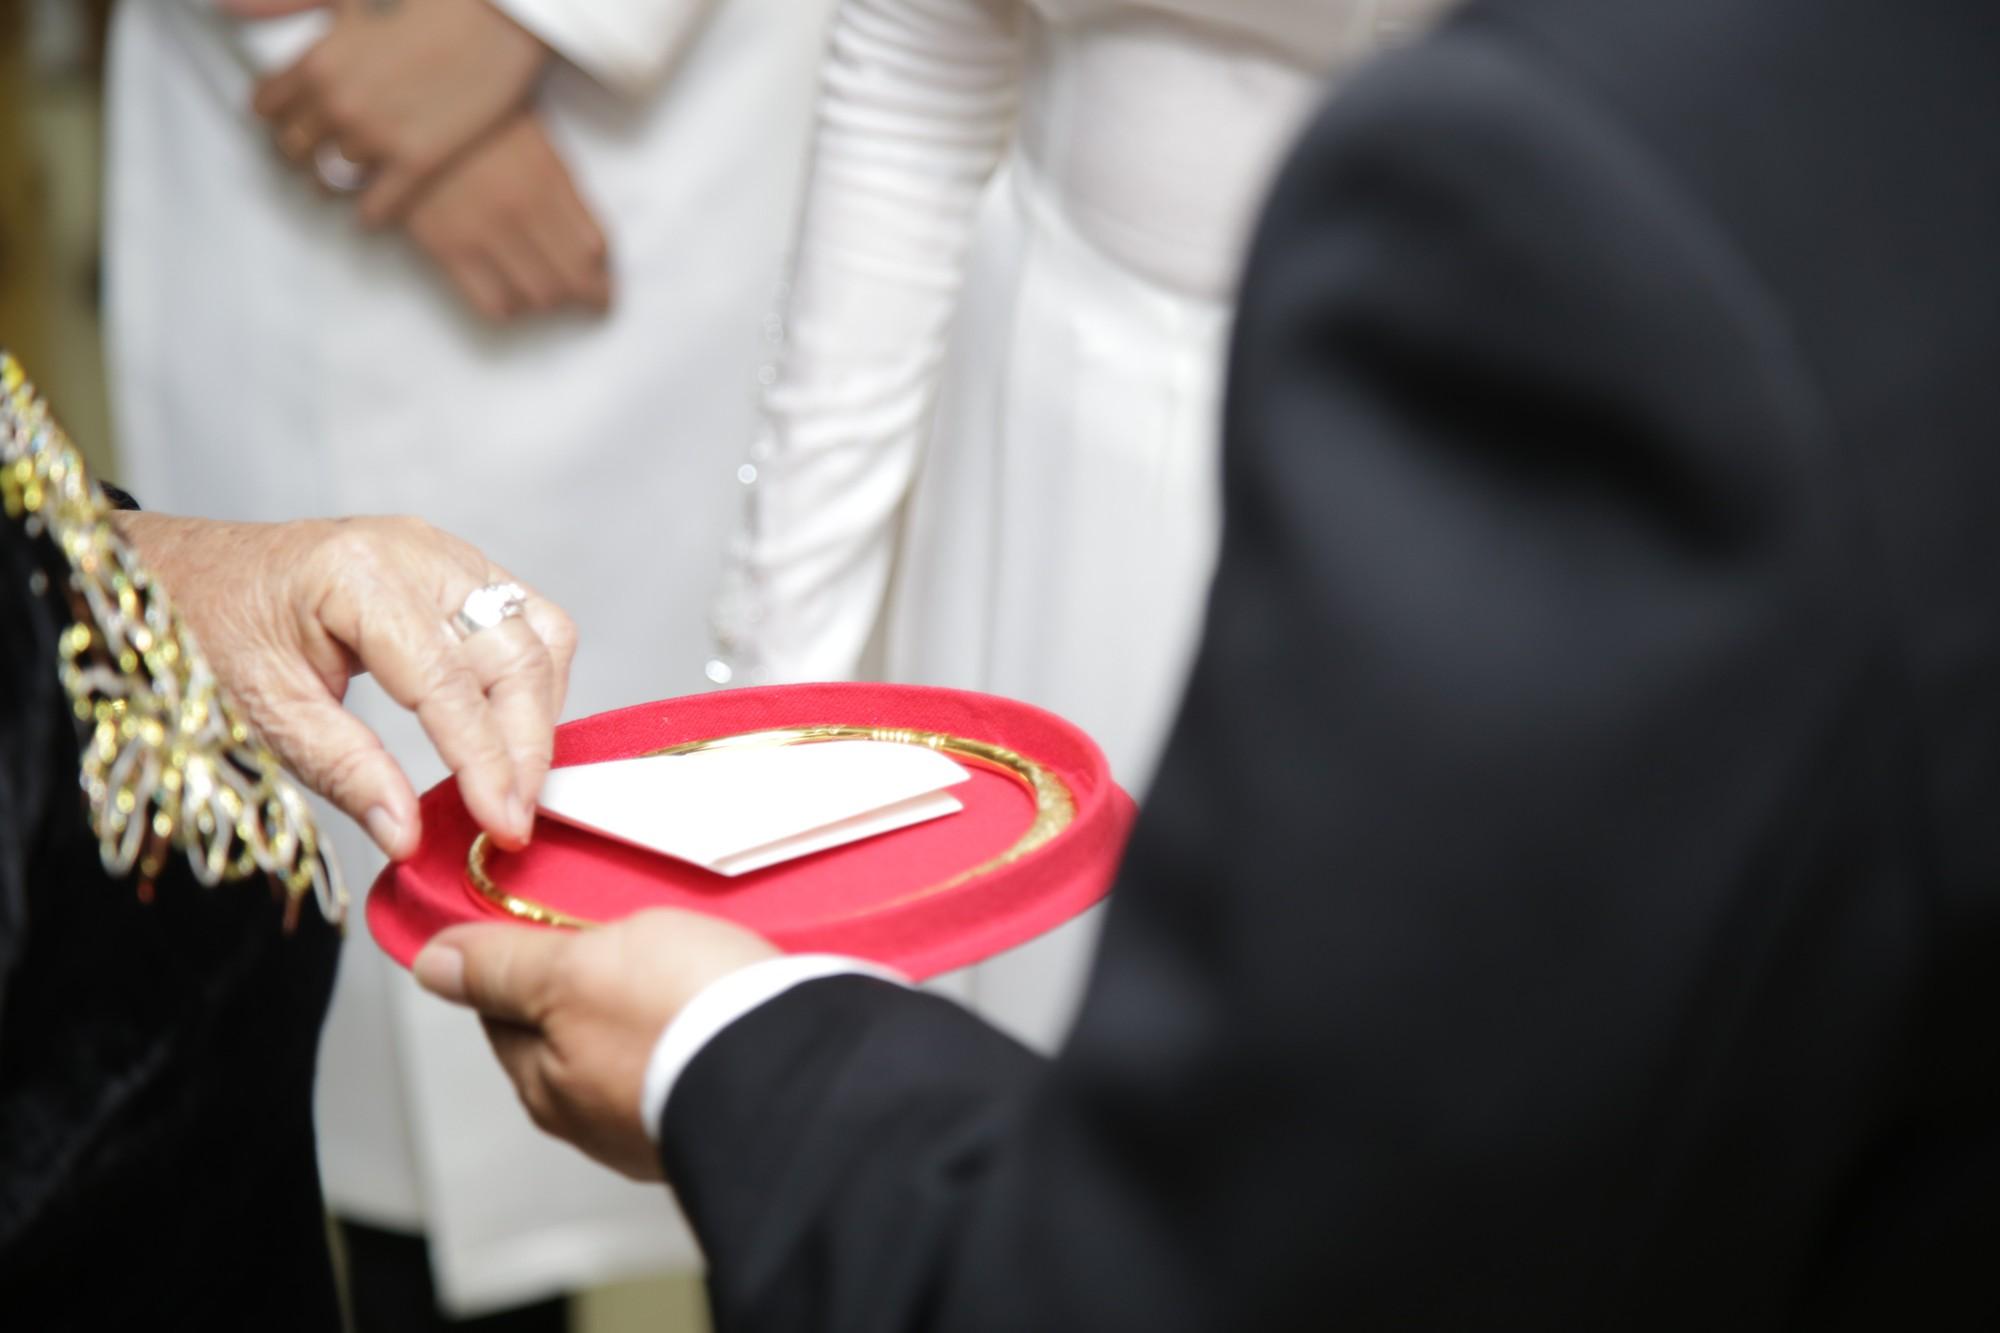 HOT: Toàn cảnh lễ đưa dâu toàn siêu xe hơn 100 tỷ của con gái đại gia Minh Nhựa, quà cưới toàn vàng, kim cương đeo đỏ tay-26